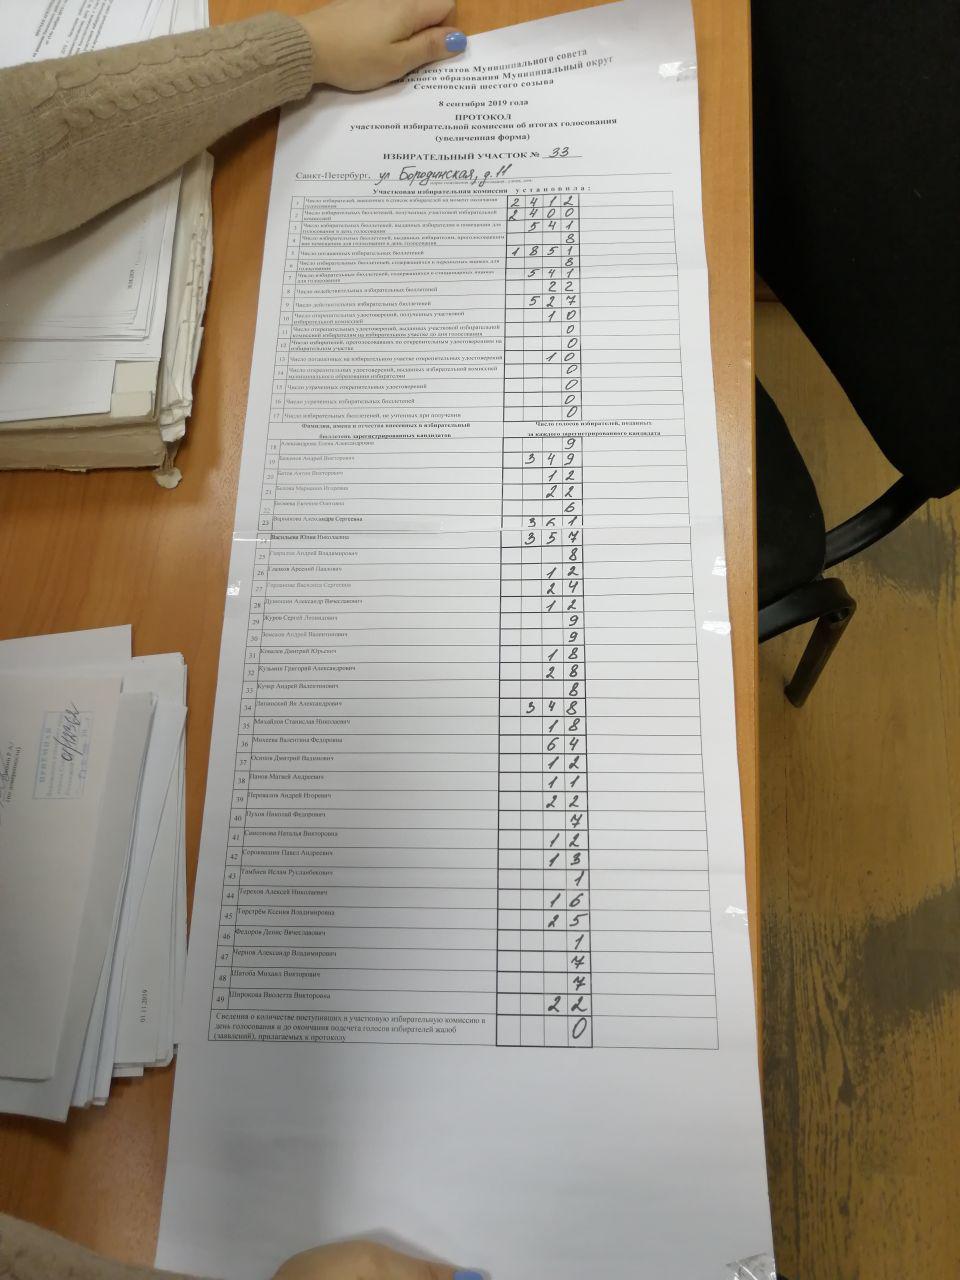 Увеличенная форма протокола, которую ответчики представили в суде в качестве оригинала